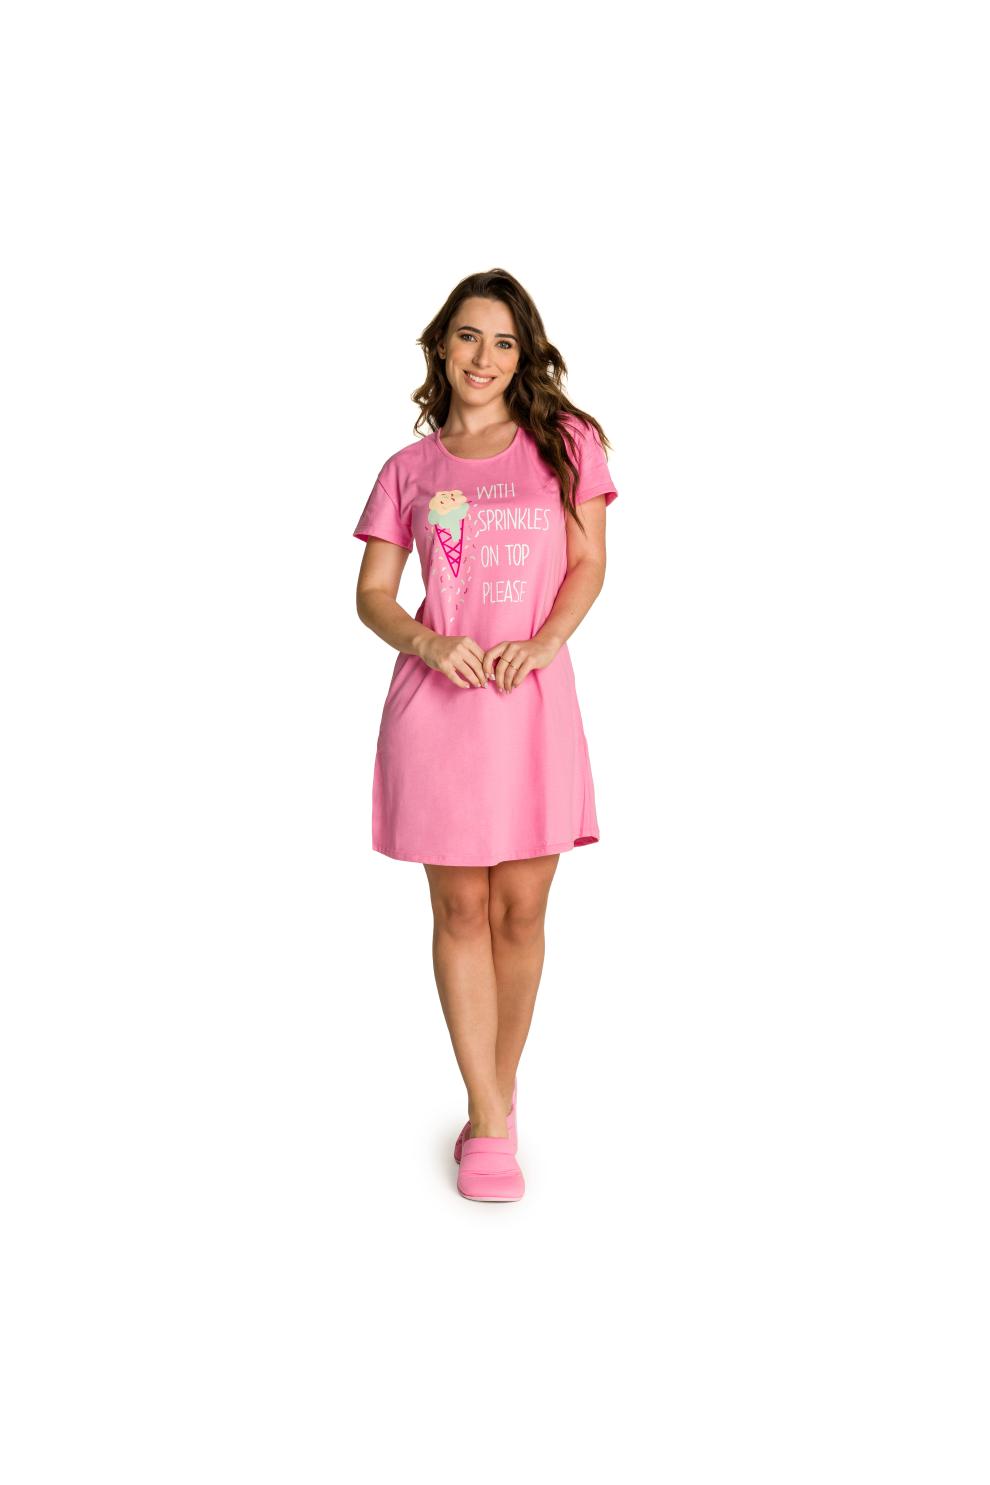 009/E - Camisola Adulto Sorvete com Granulado - Mãe e Filha